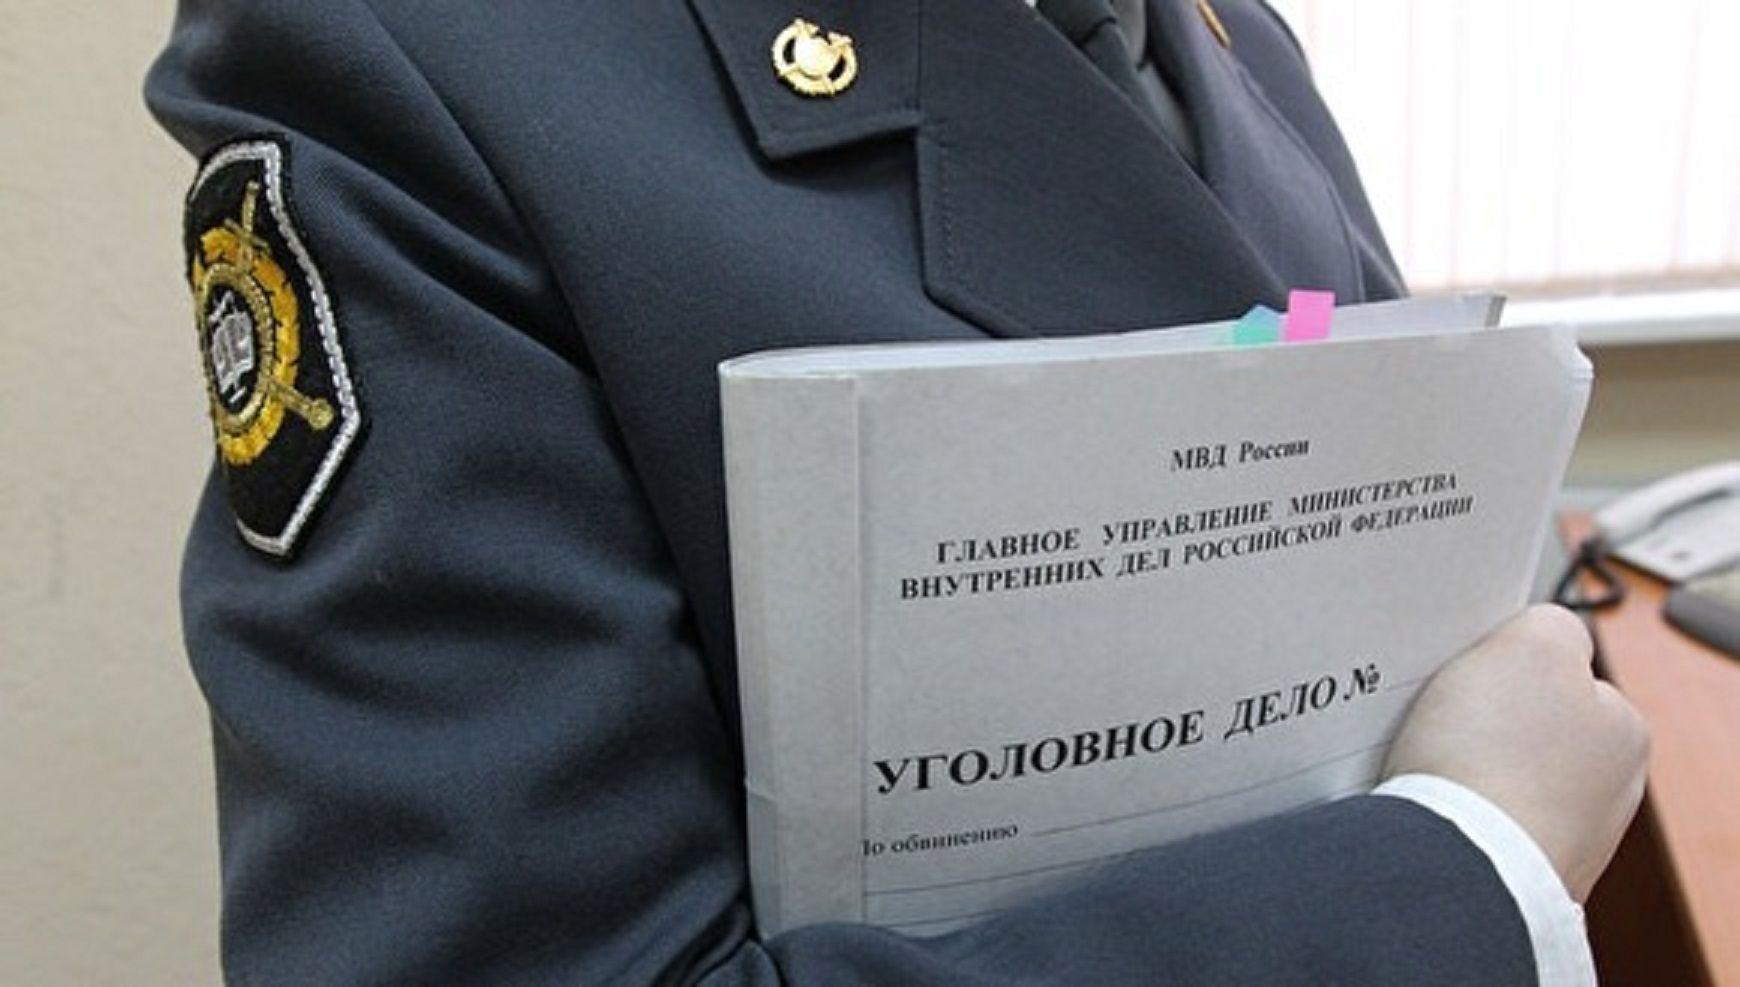 ВСтаврополе схвачен  мужчина поподозрению вмошенничестве на1 млн руб.